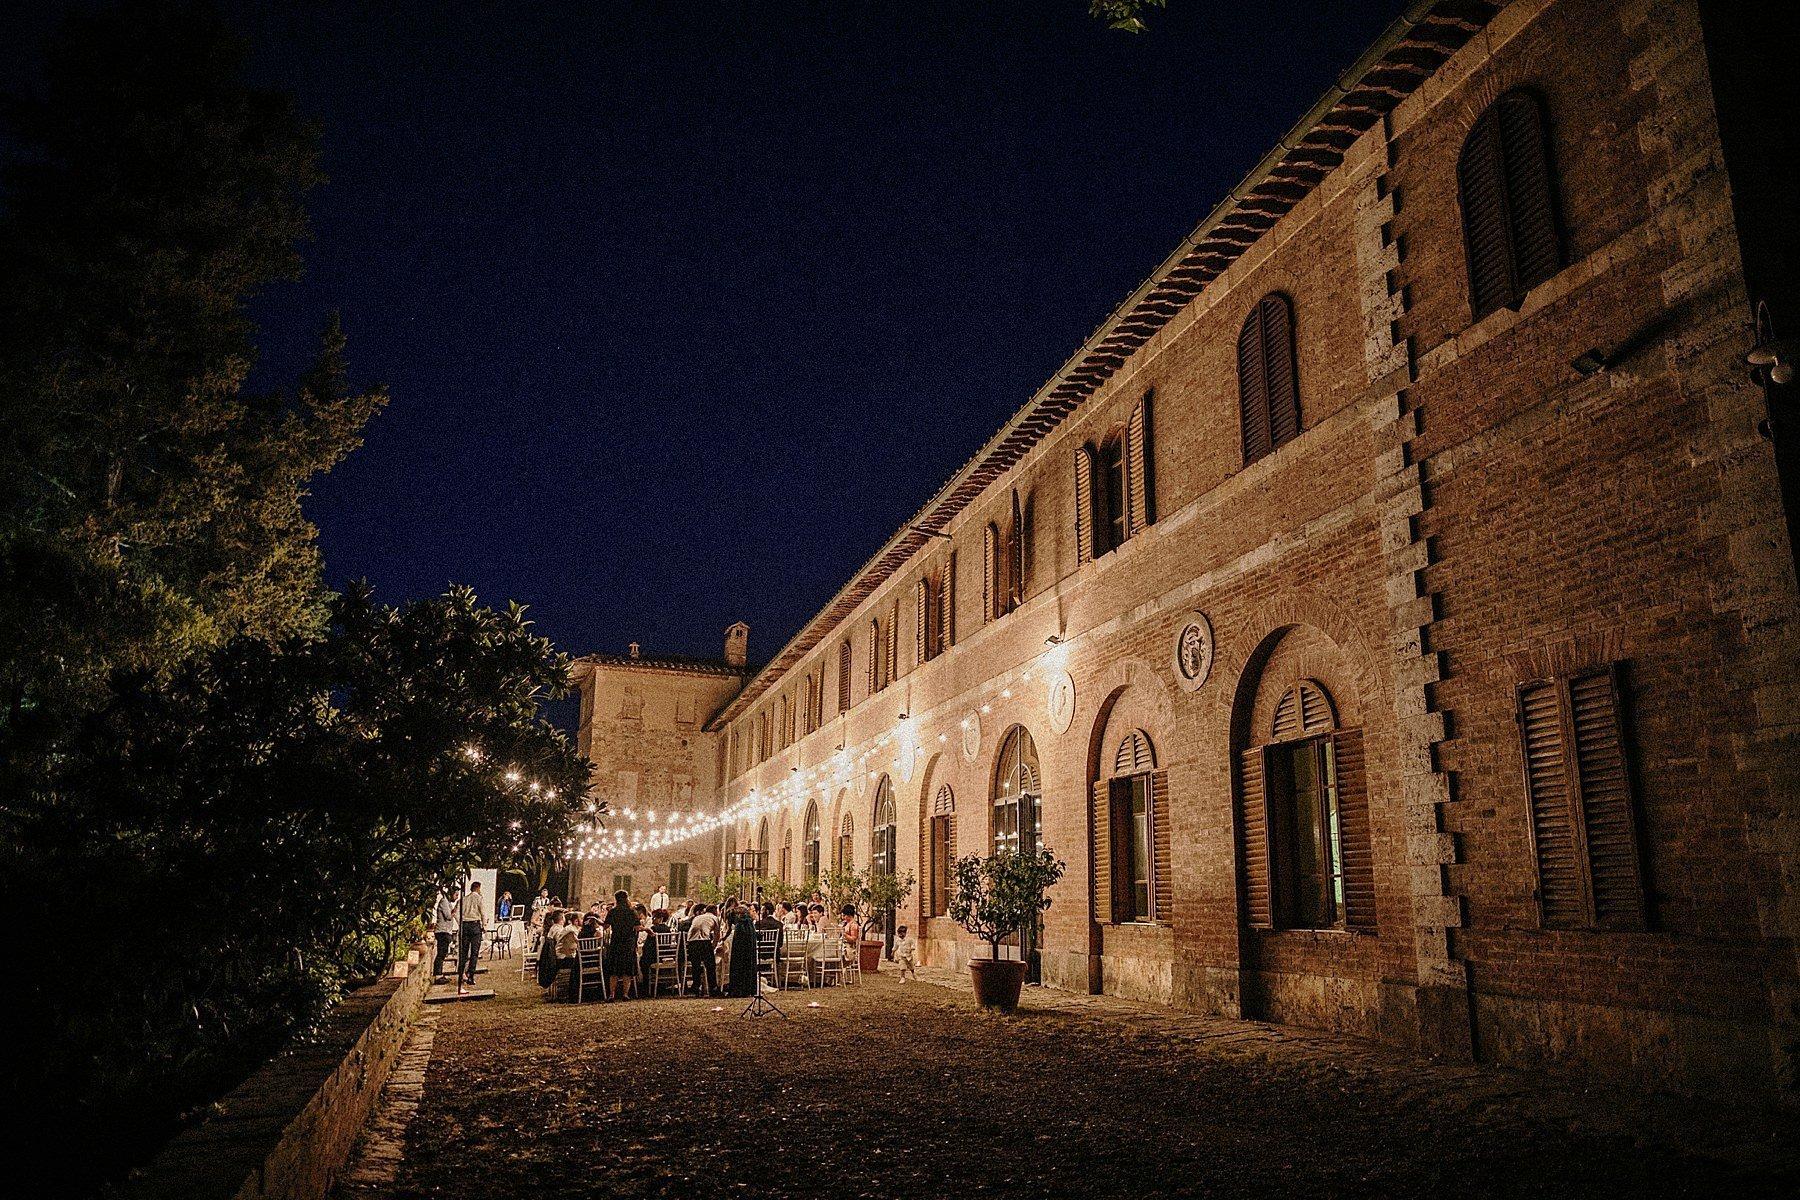 matrimonio tenuta bichi borghesi monteriggioni 3060